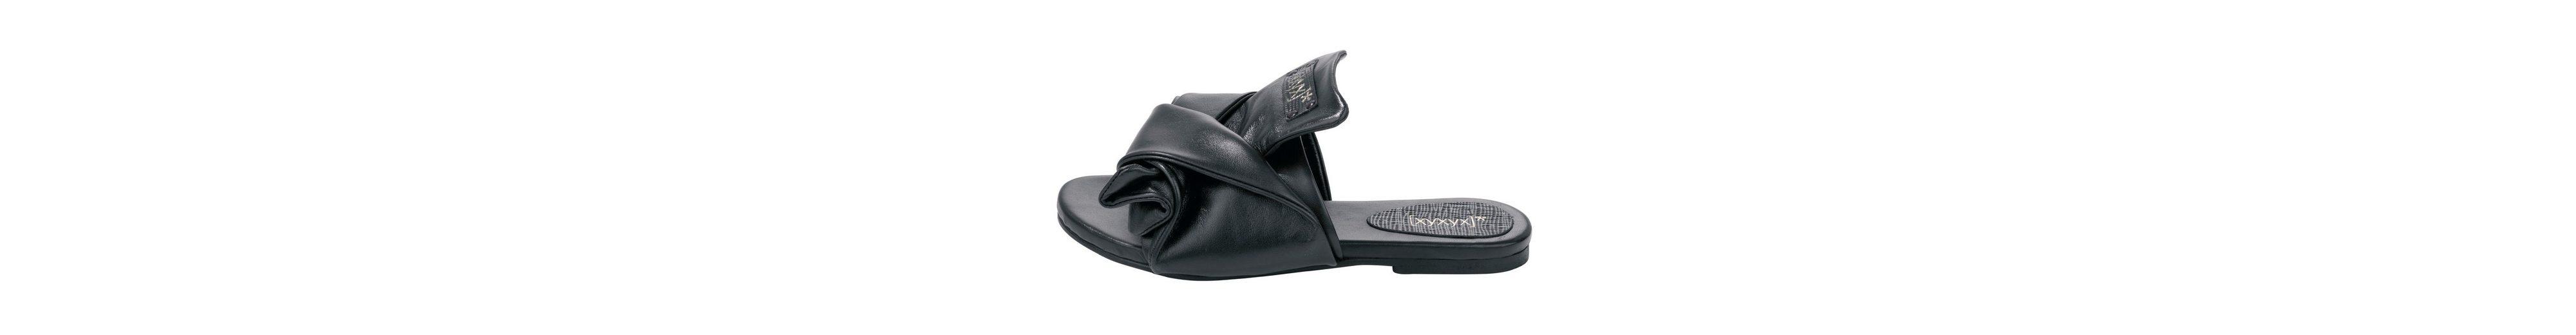 XYXYX Pantolette Footlocker Finish Günstig Online Finden Große 100% Original Günstig Online Niedrig Versandkosten Für Verkauf gQnFV7i